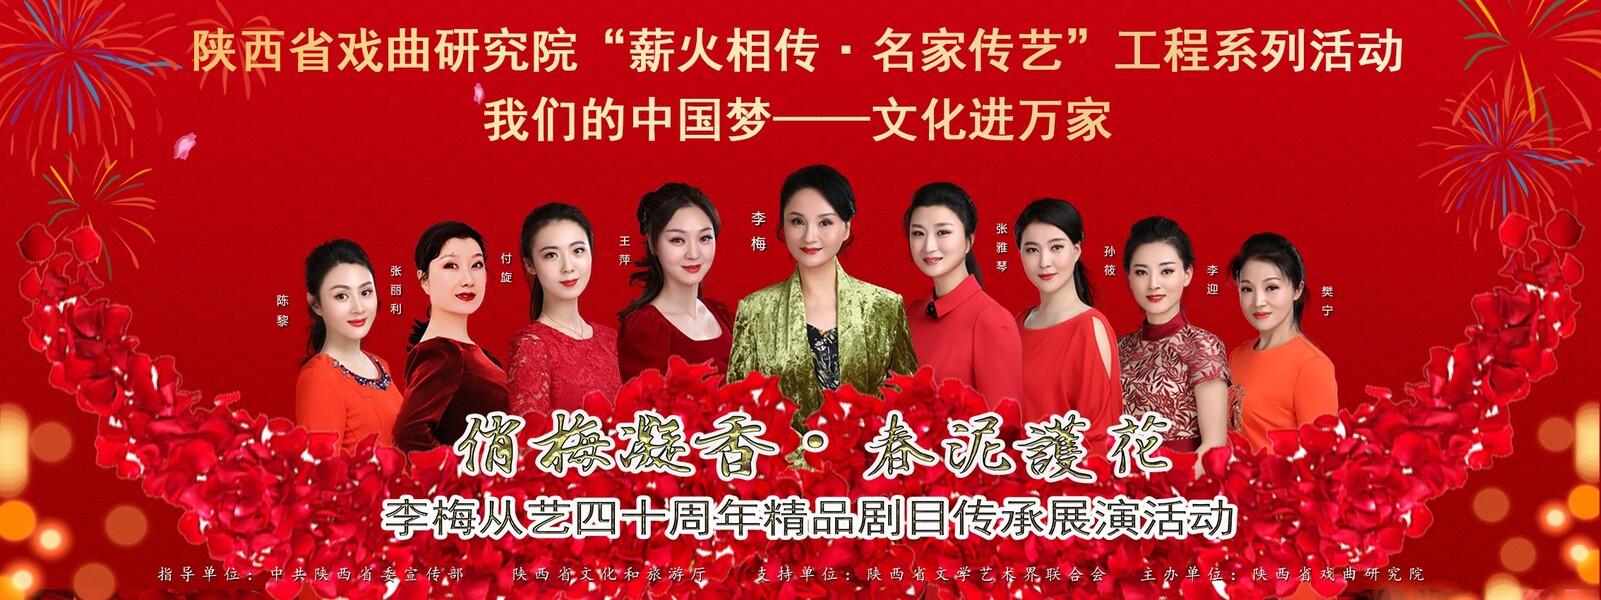 李梅从艺四十周年精品剧目传承展演活动即将开启